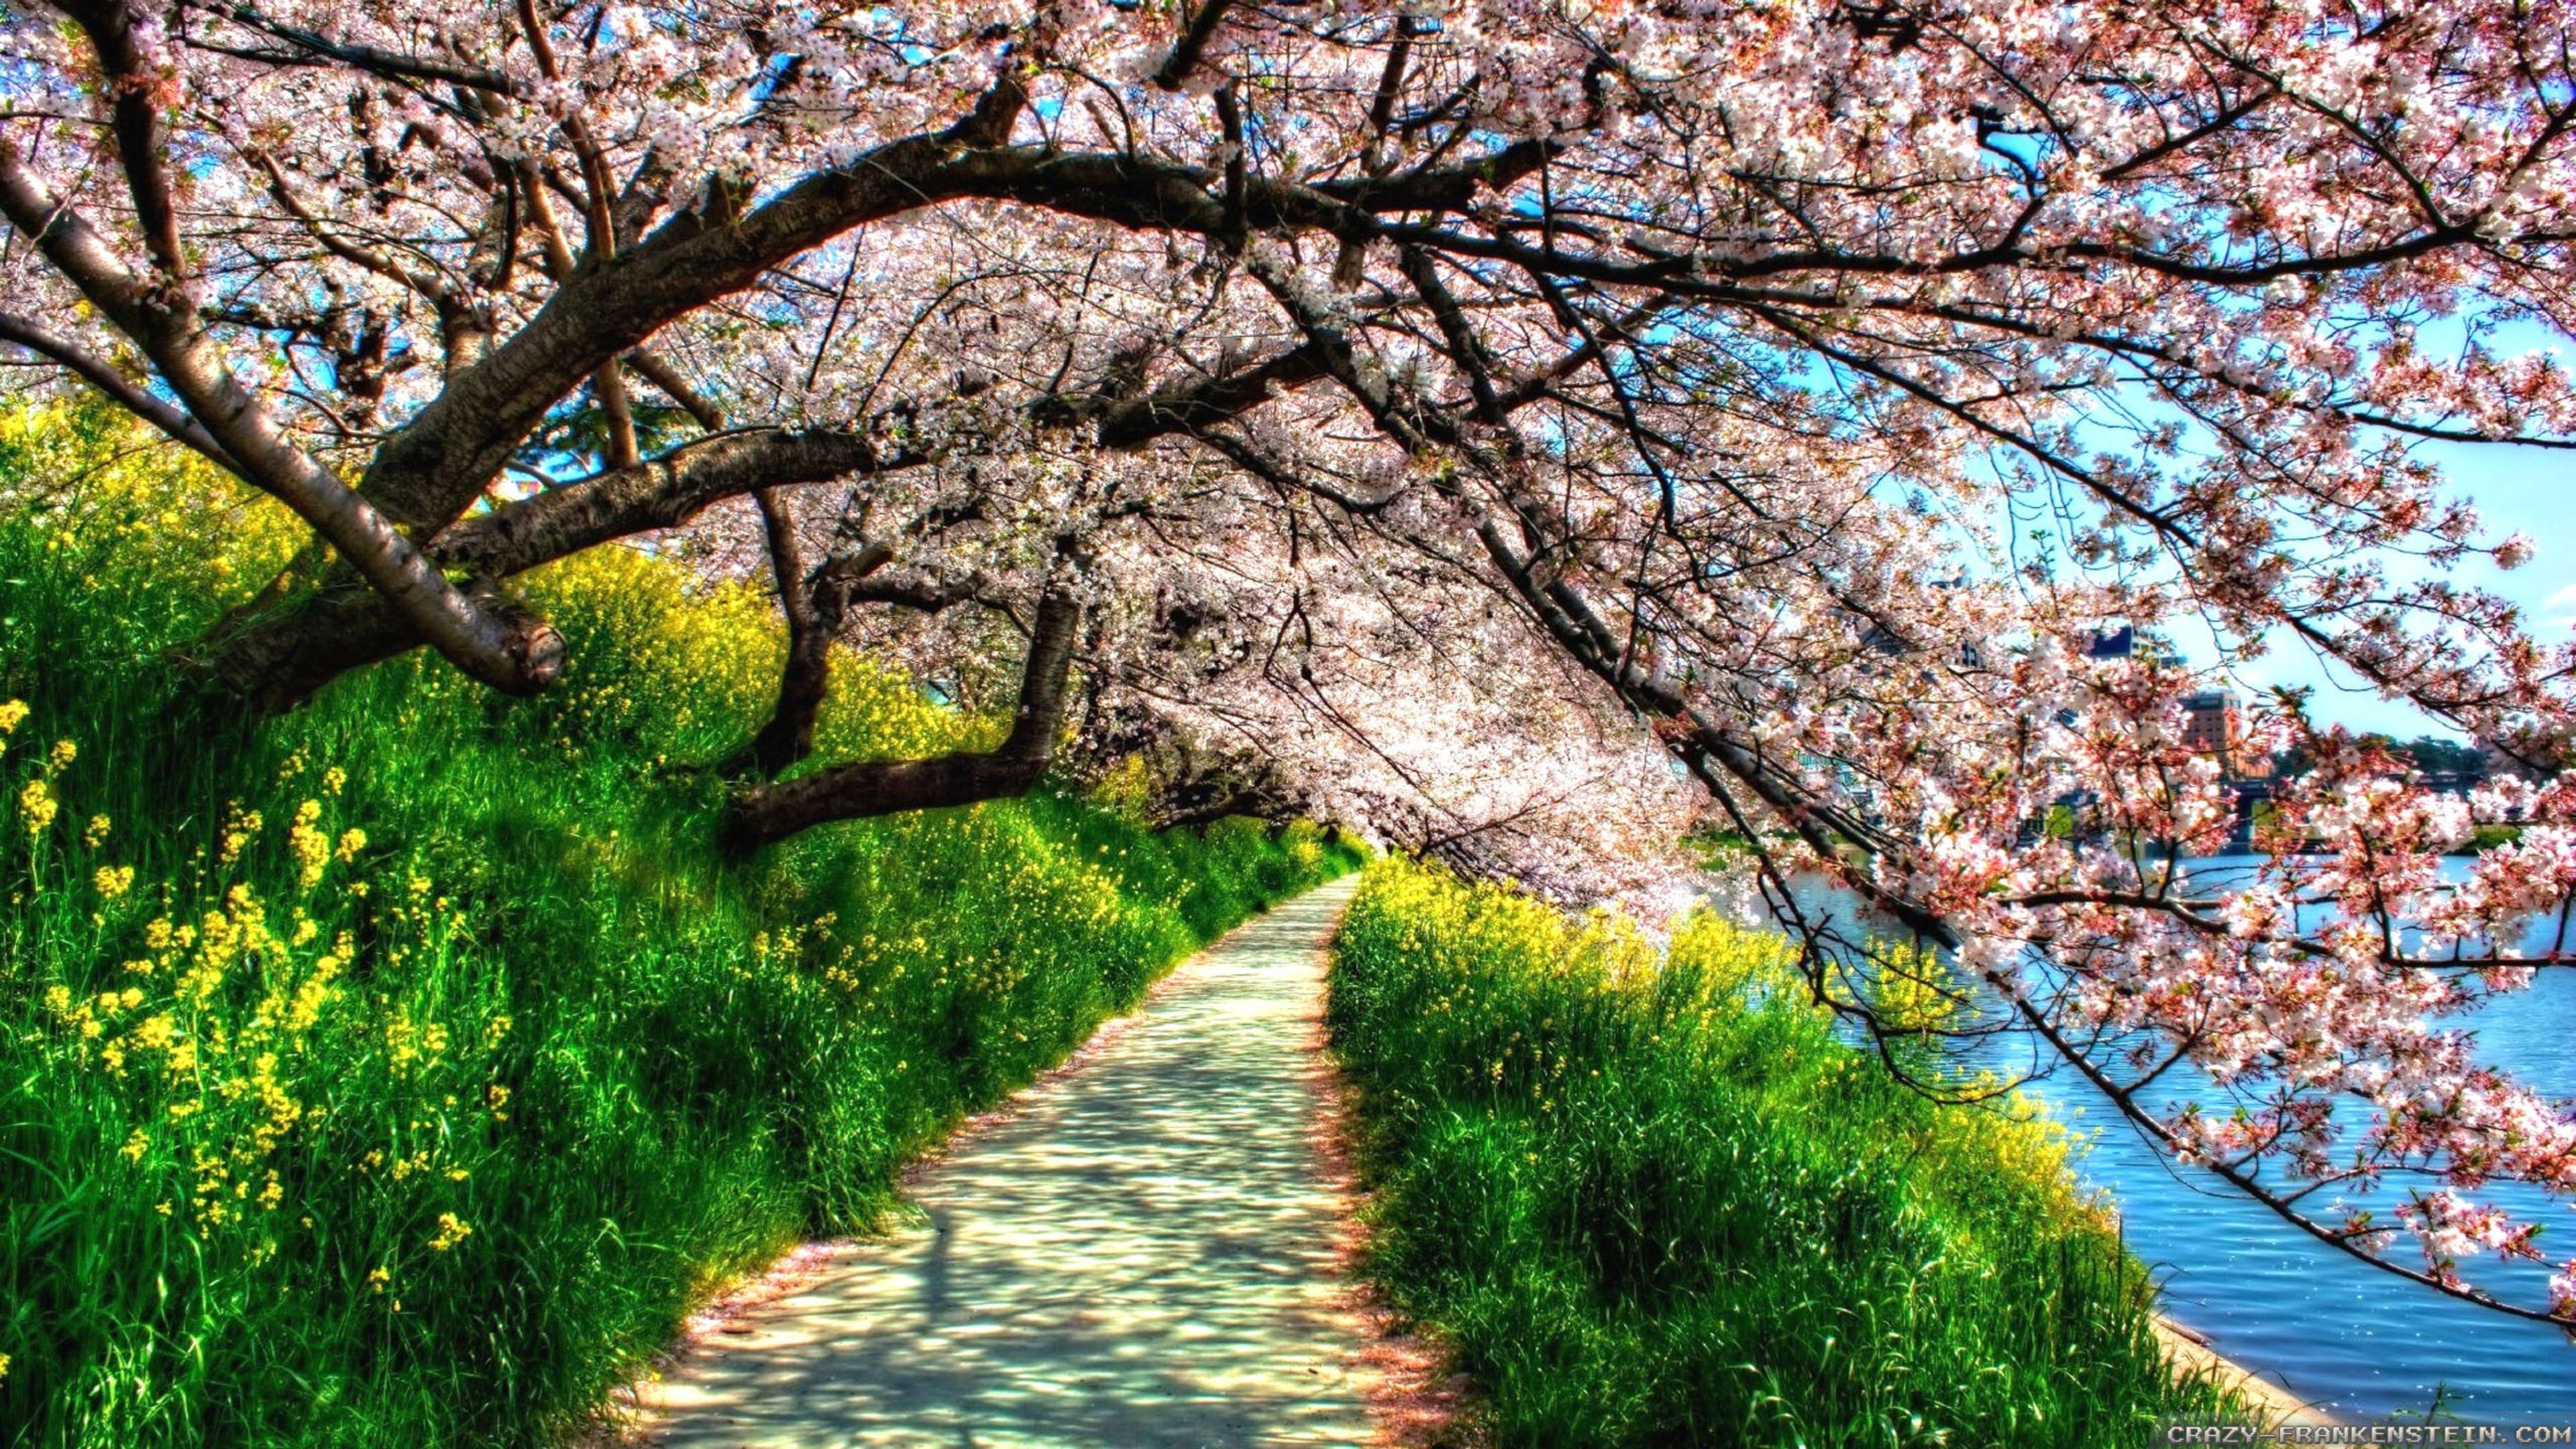 Free Download Amazing Spring 4k Wallpapers 4k Wallpaper